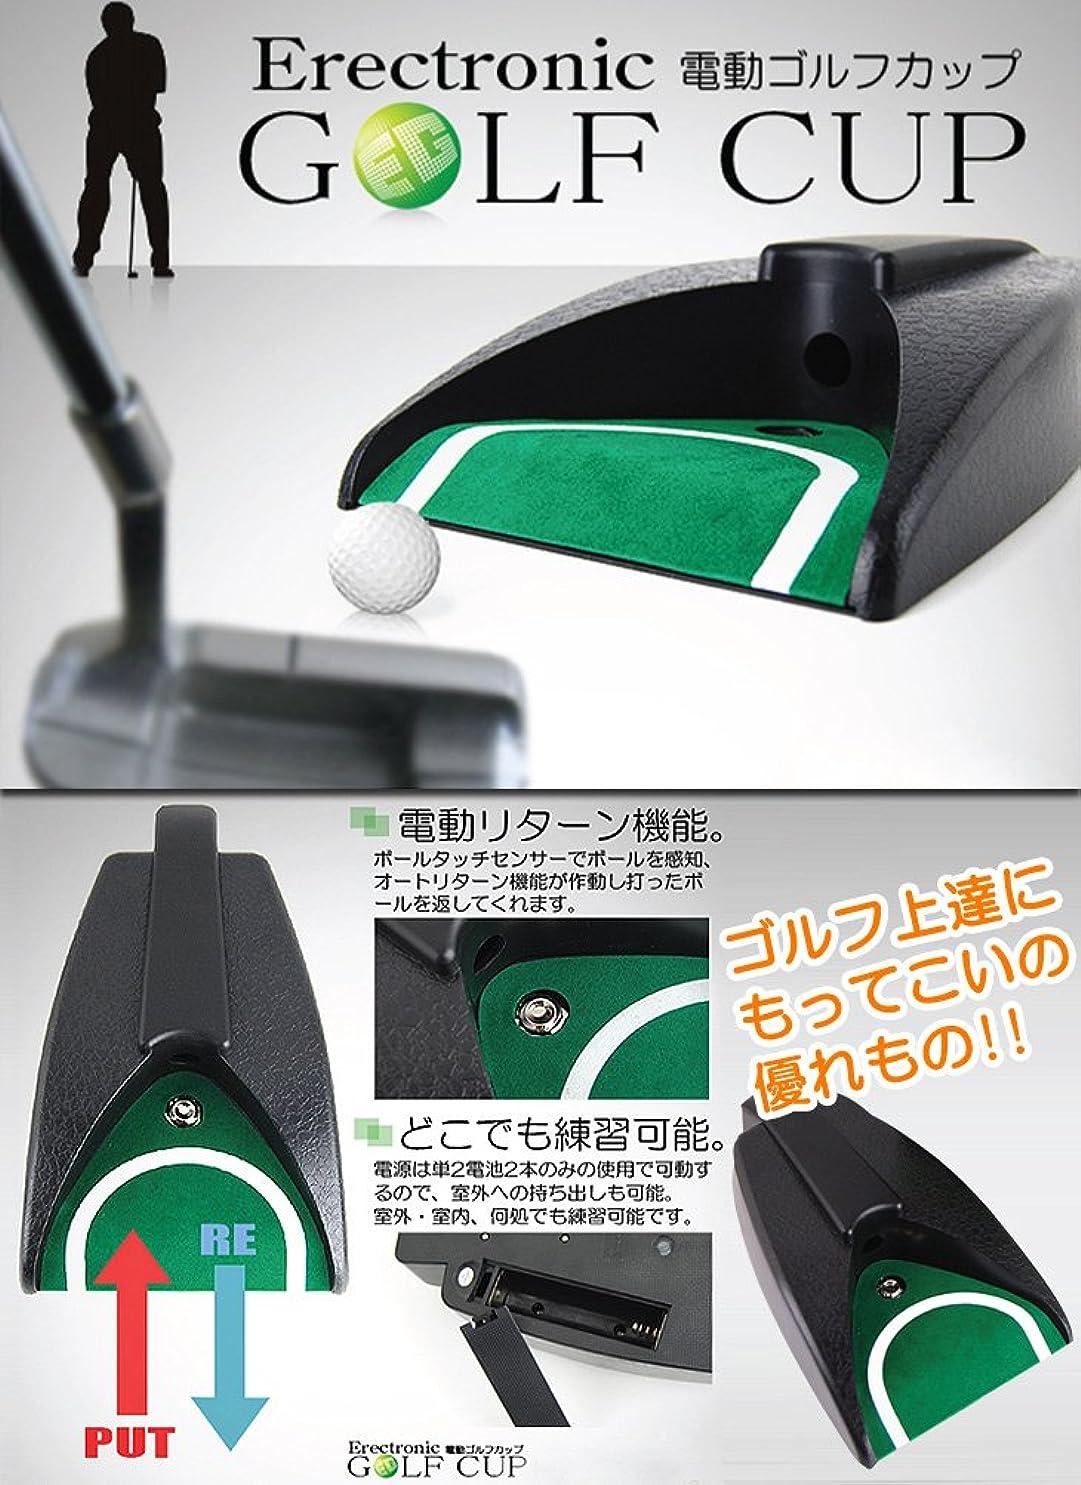 後退するバスト谷打ったボールが自動で帰ってくる画期的アイテム 室内でパット練習できる電動ゴルフカップマシン